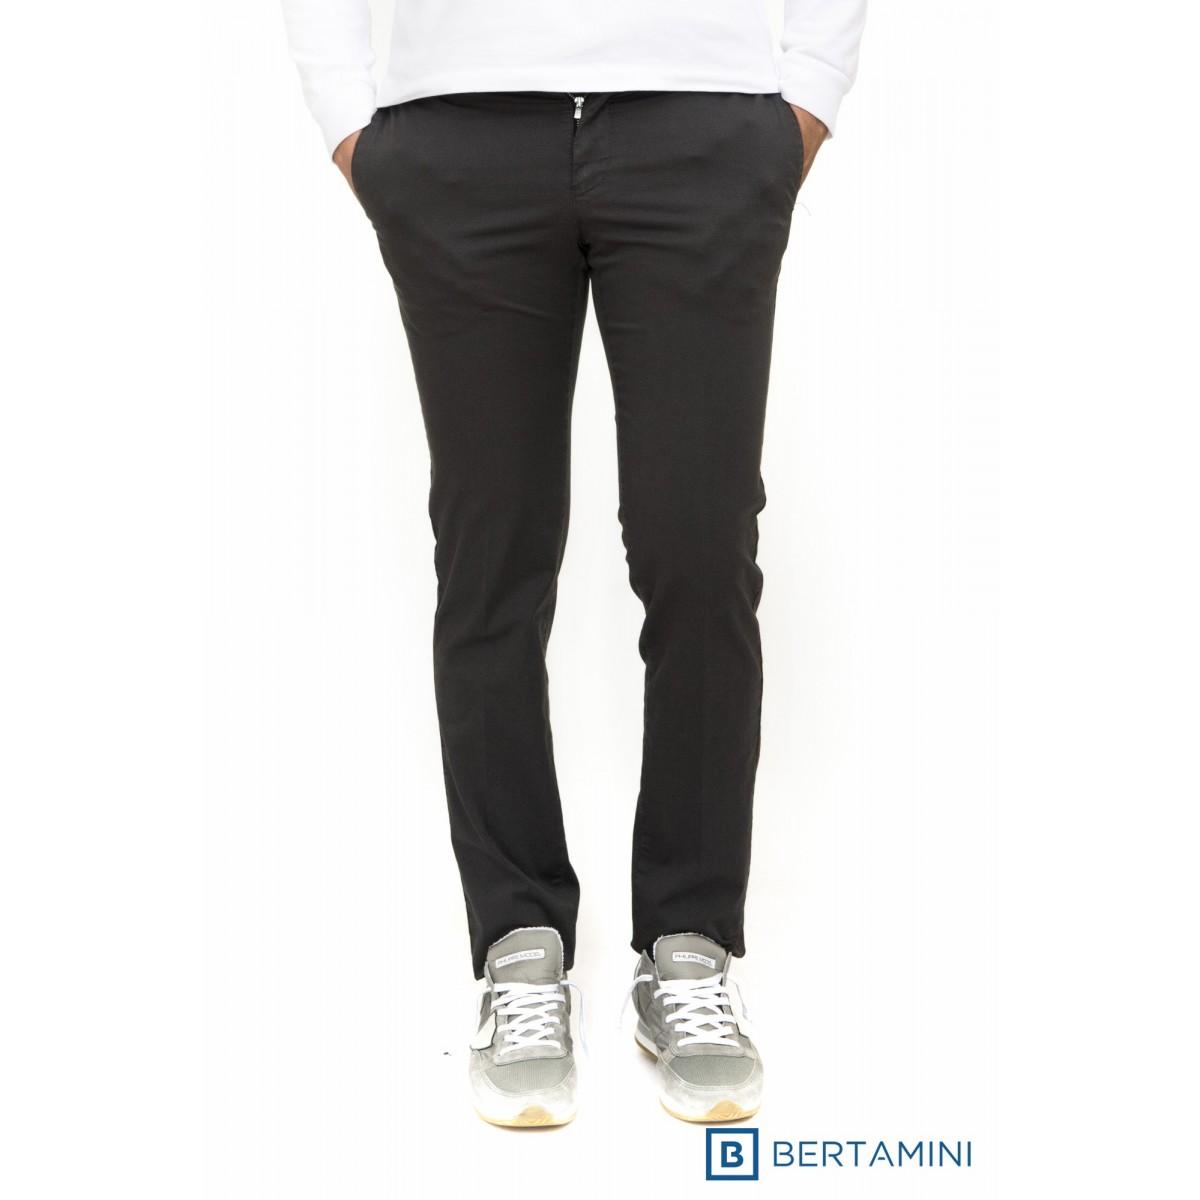 Pantalone Uomo Pt 01 - Cpdtal Nt50 Raso Stampato Strech Super Slim